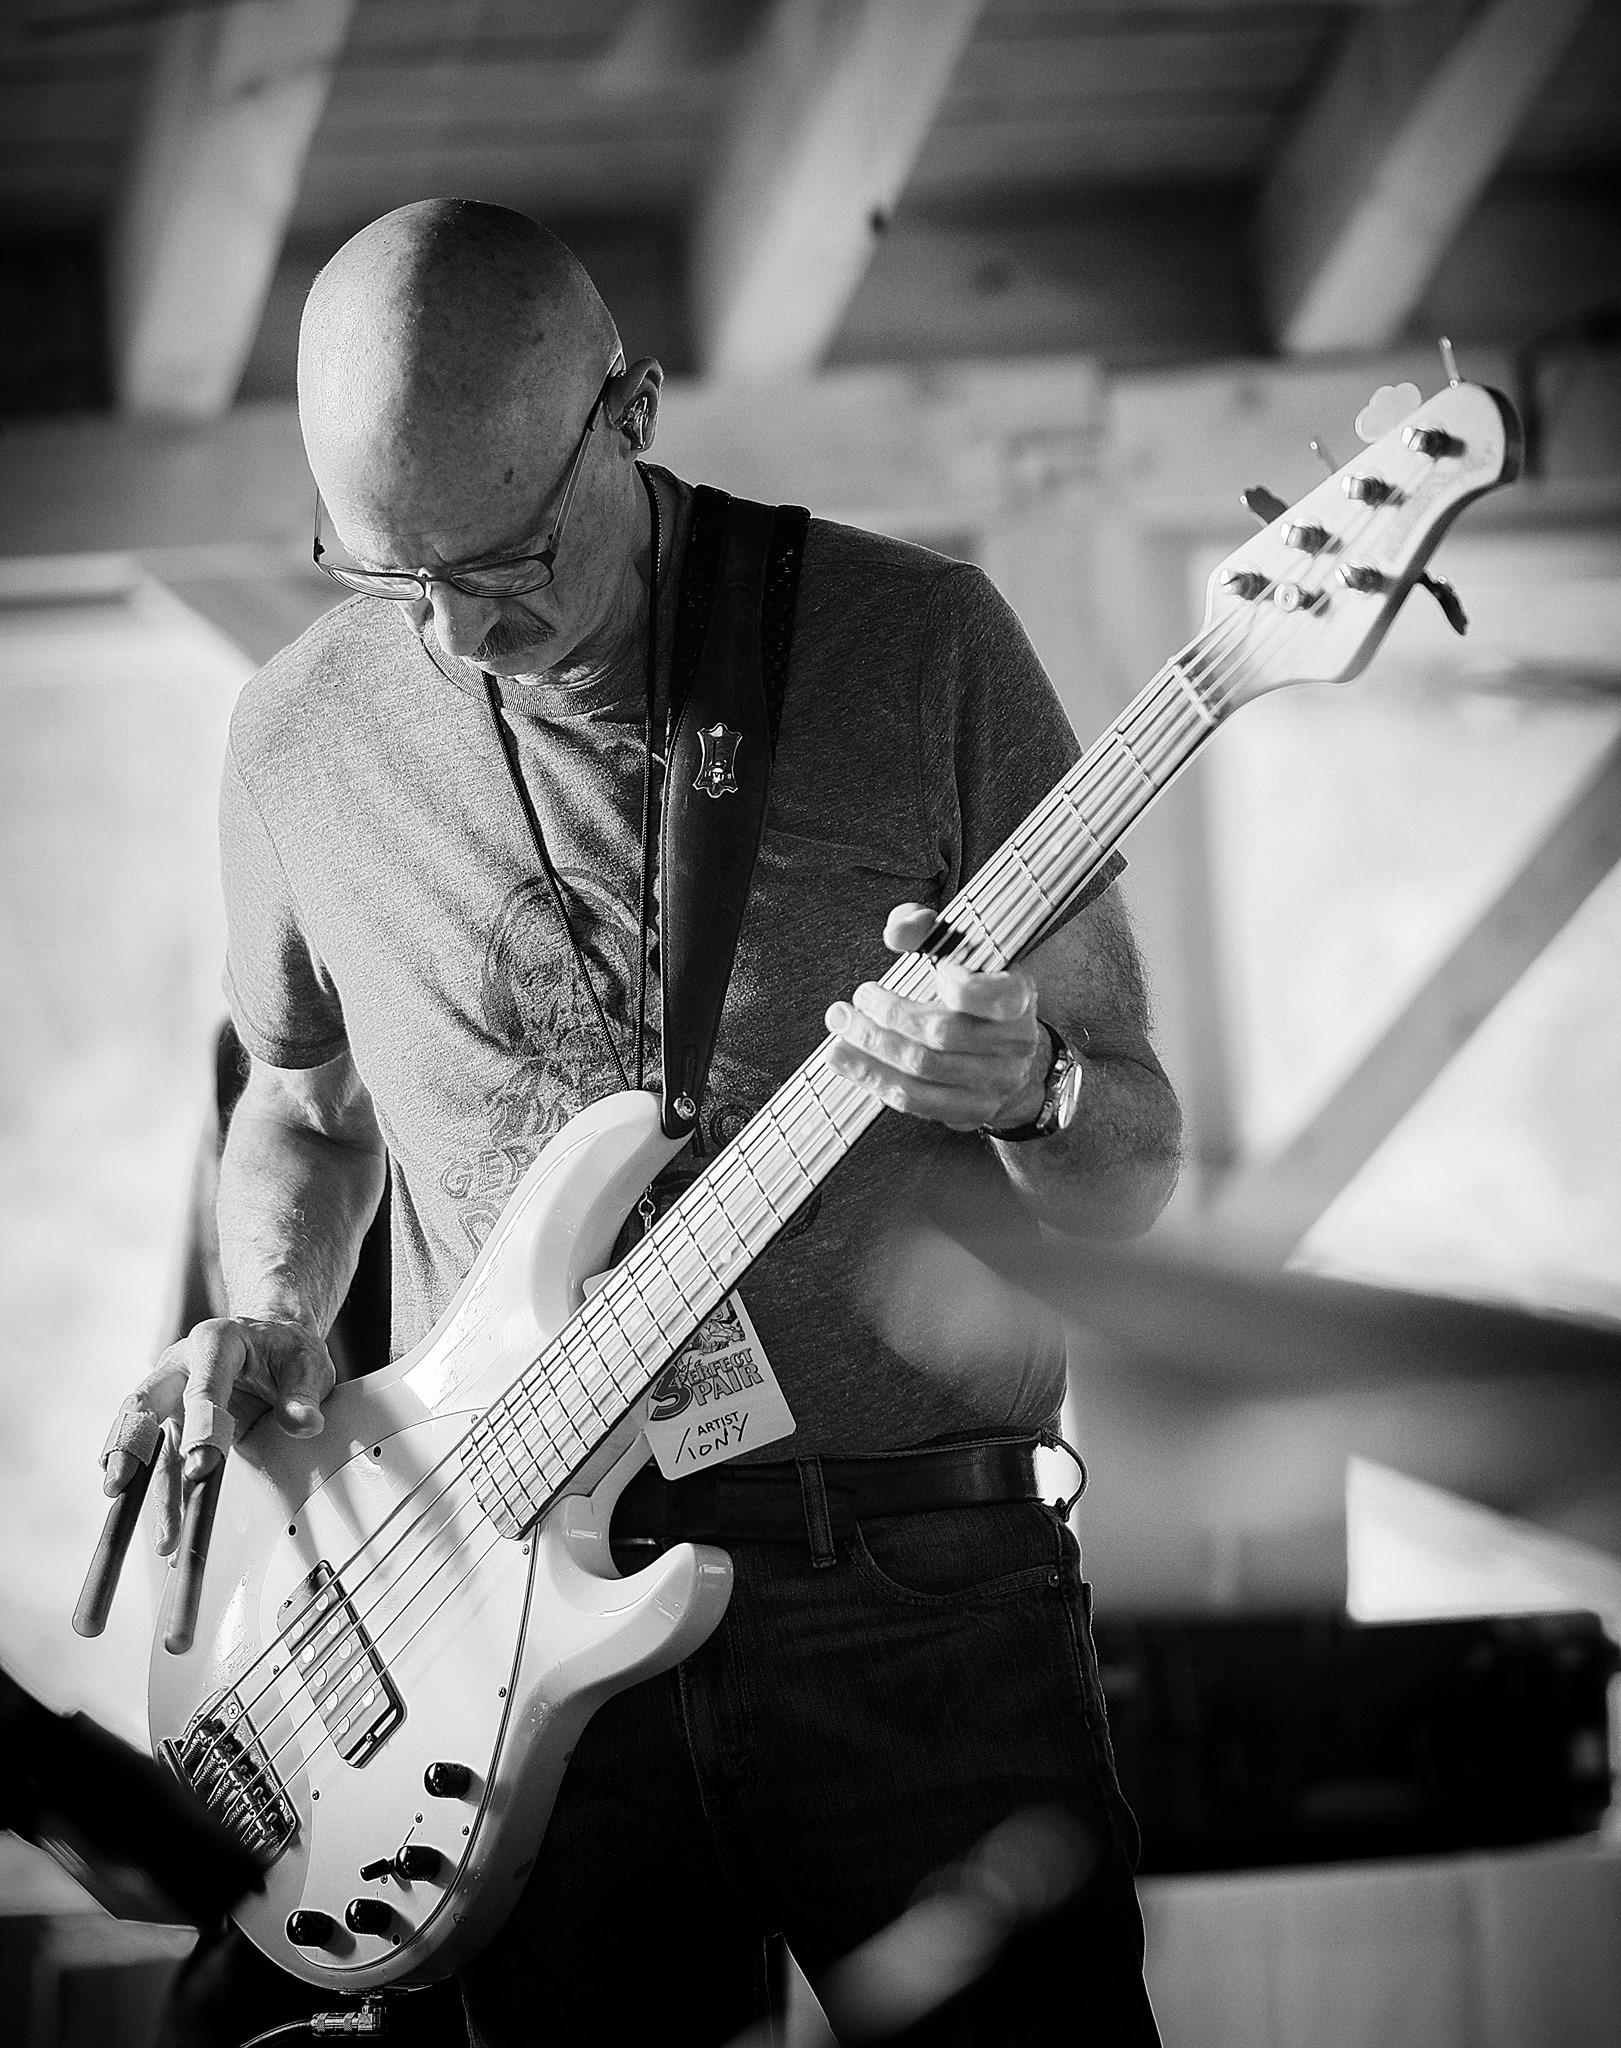 Tony Levin on Bass